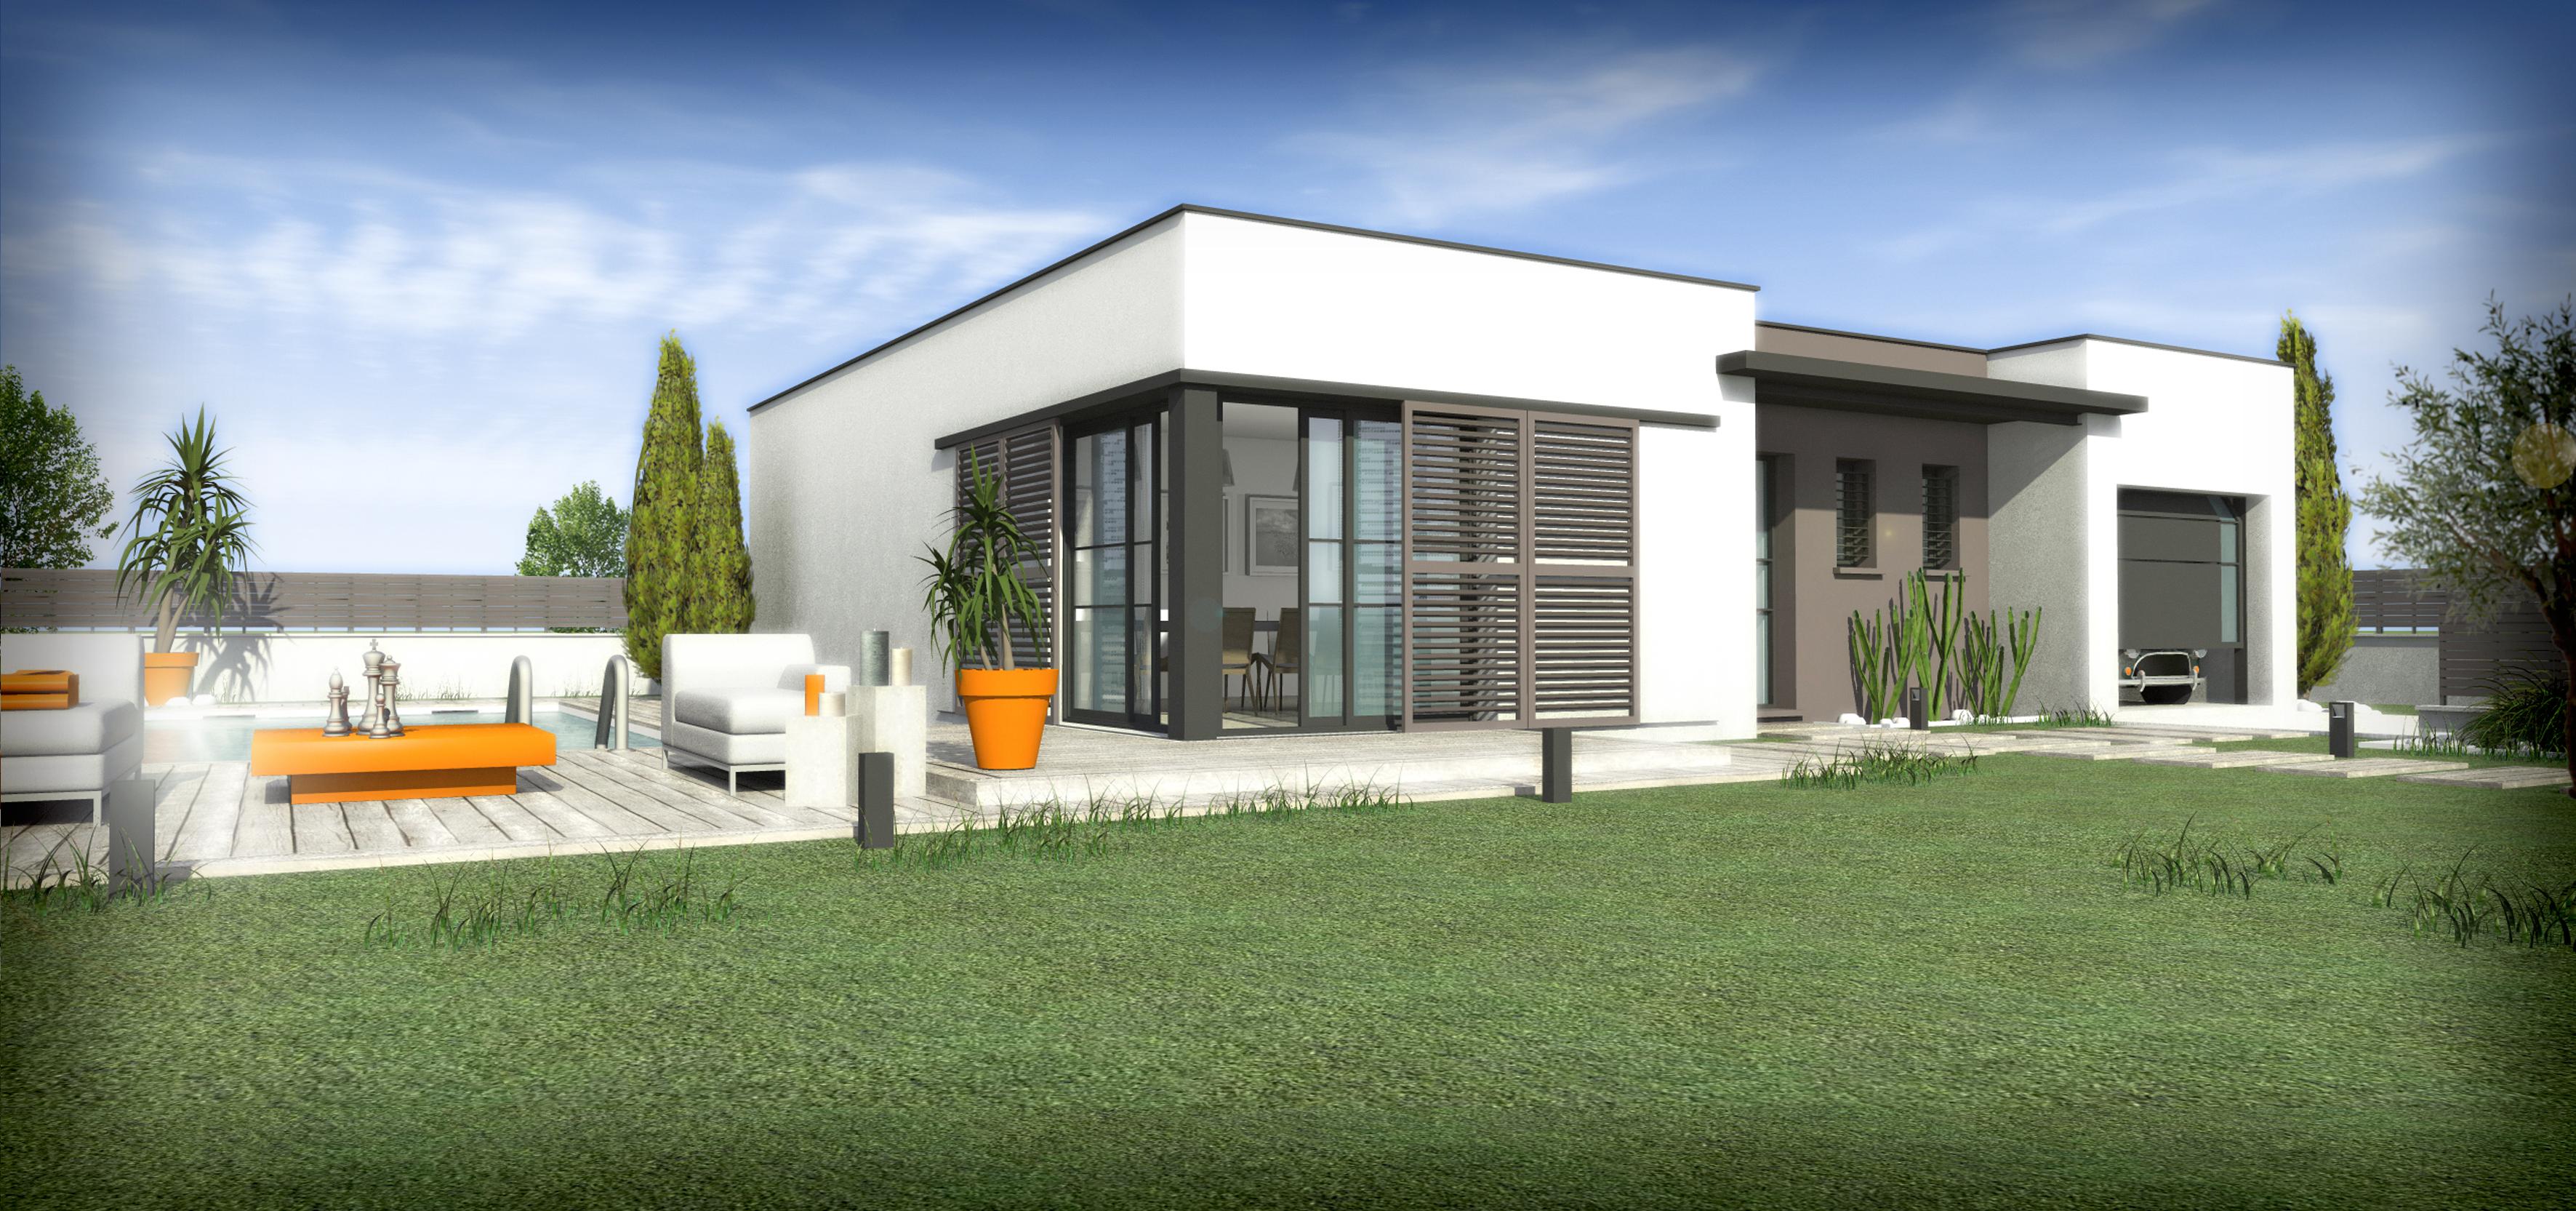 Maisons + Terrains du constructeur SM 11 • 90 m² • CARCASSONNE